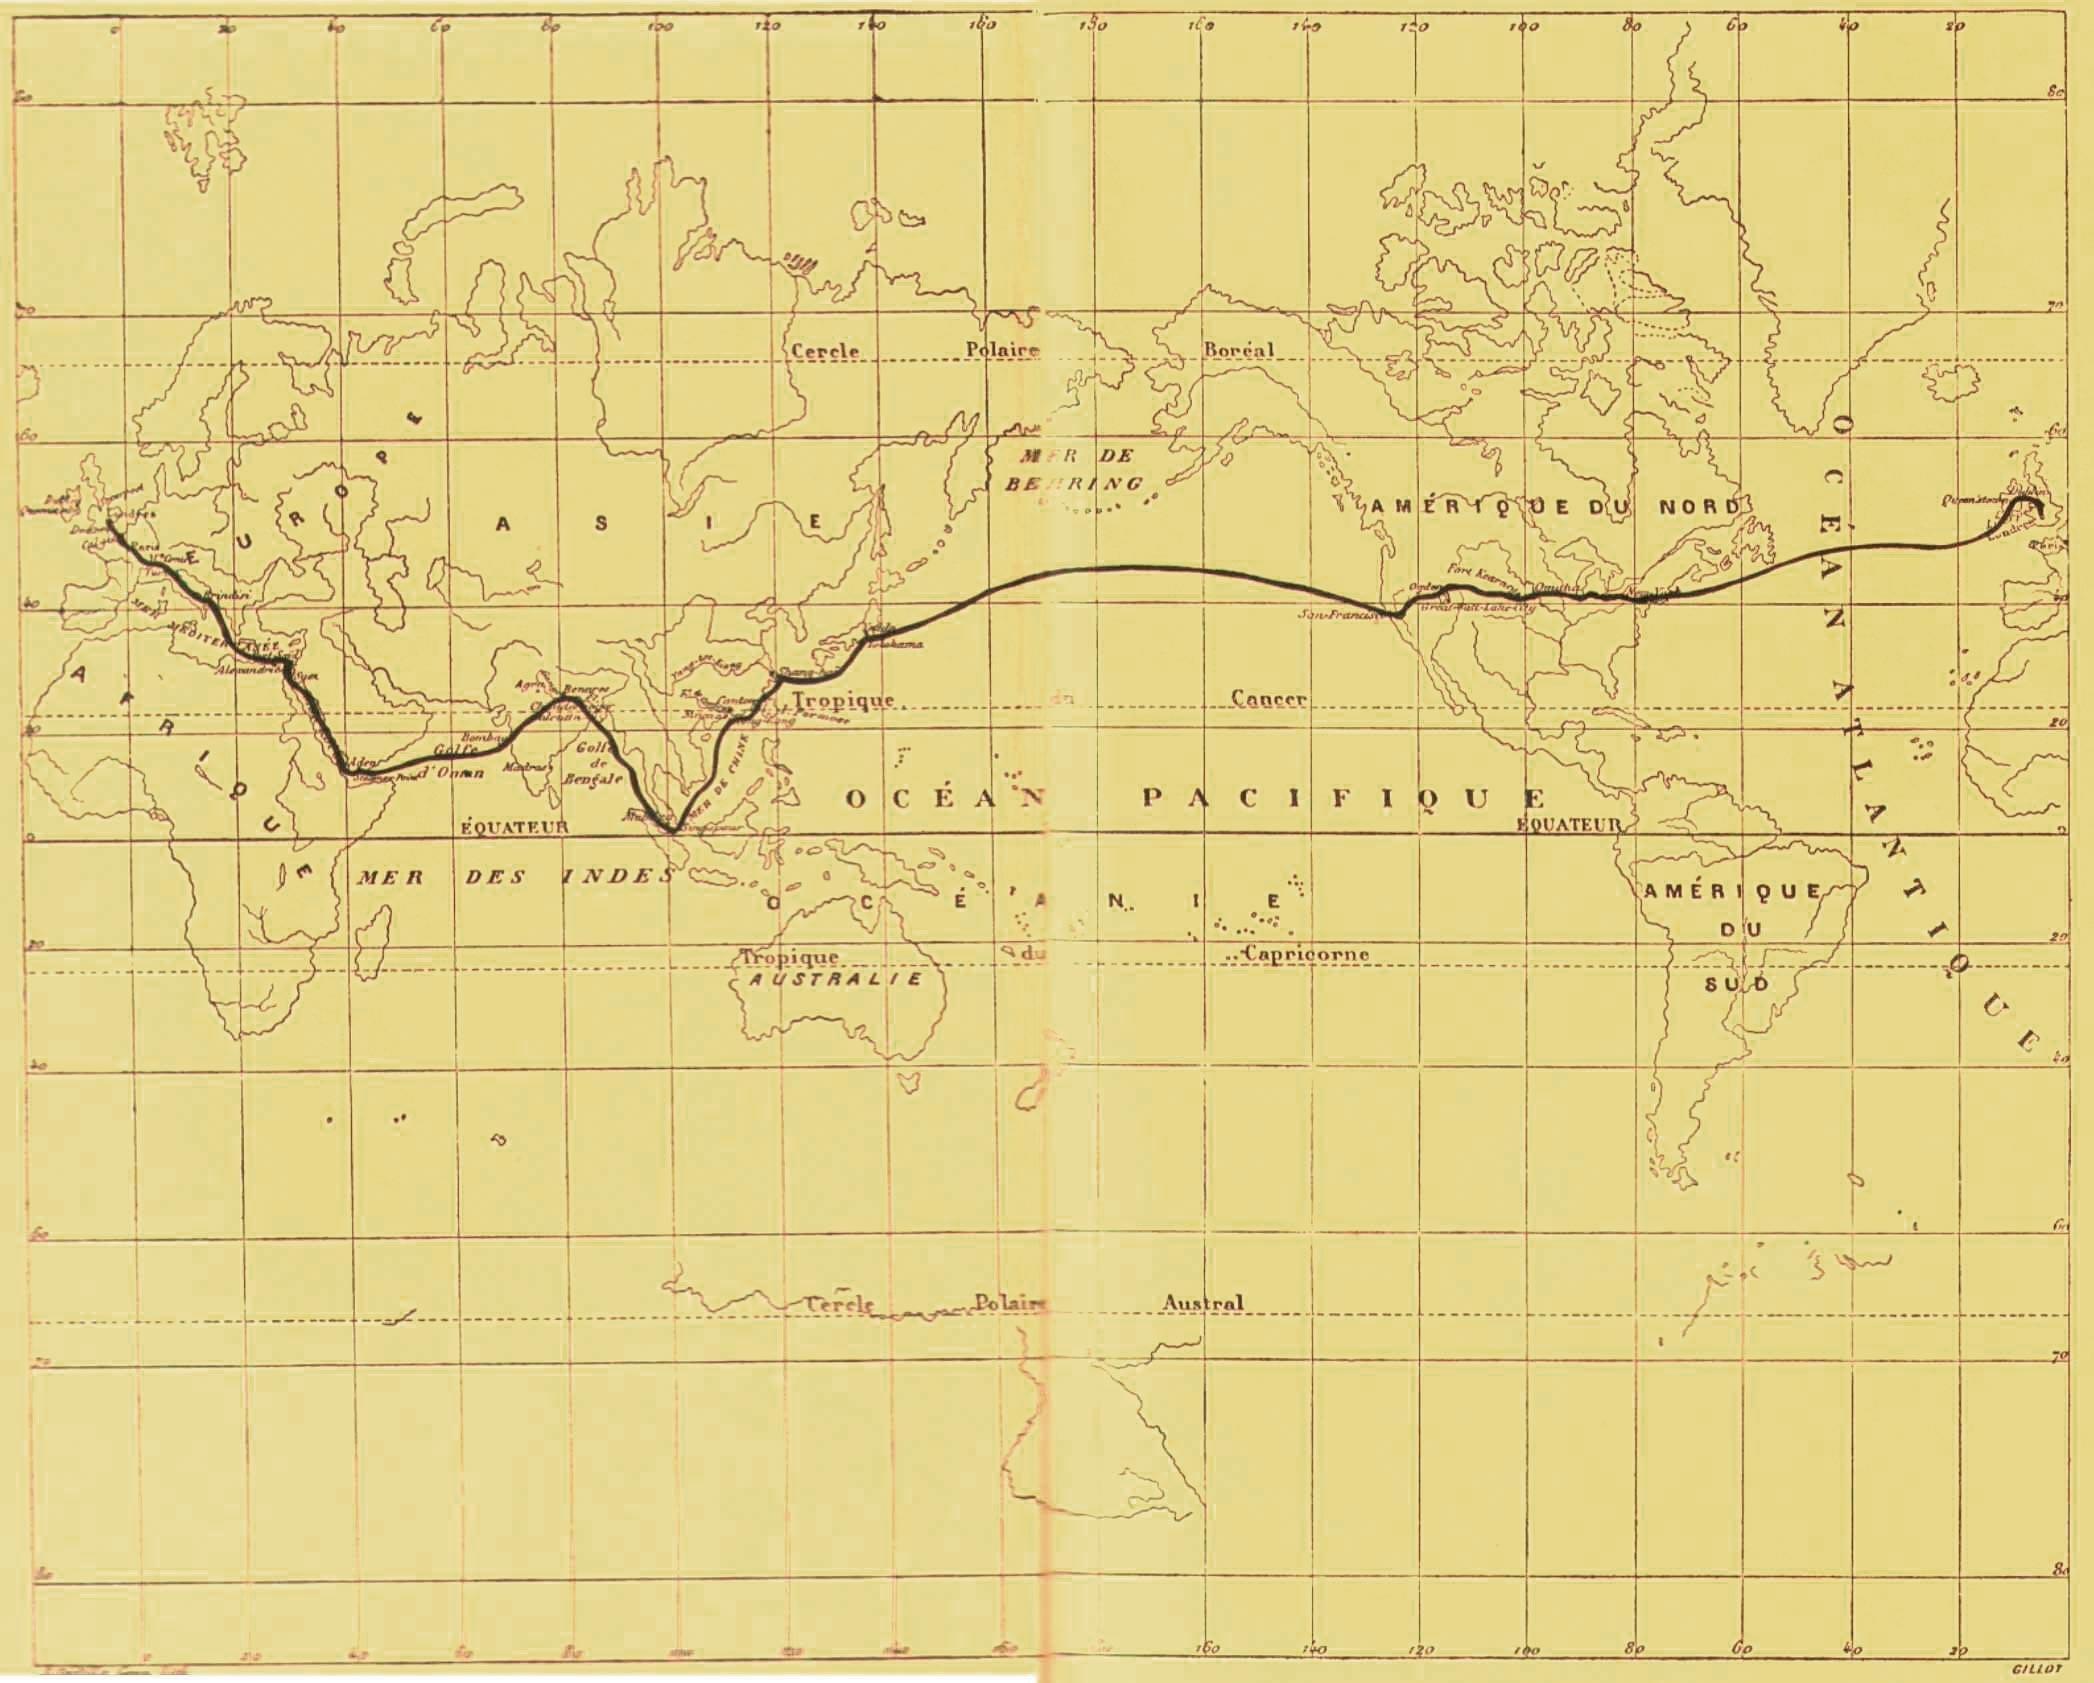 Cartes du trajet de Phileas Fogg.